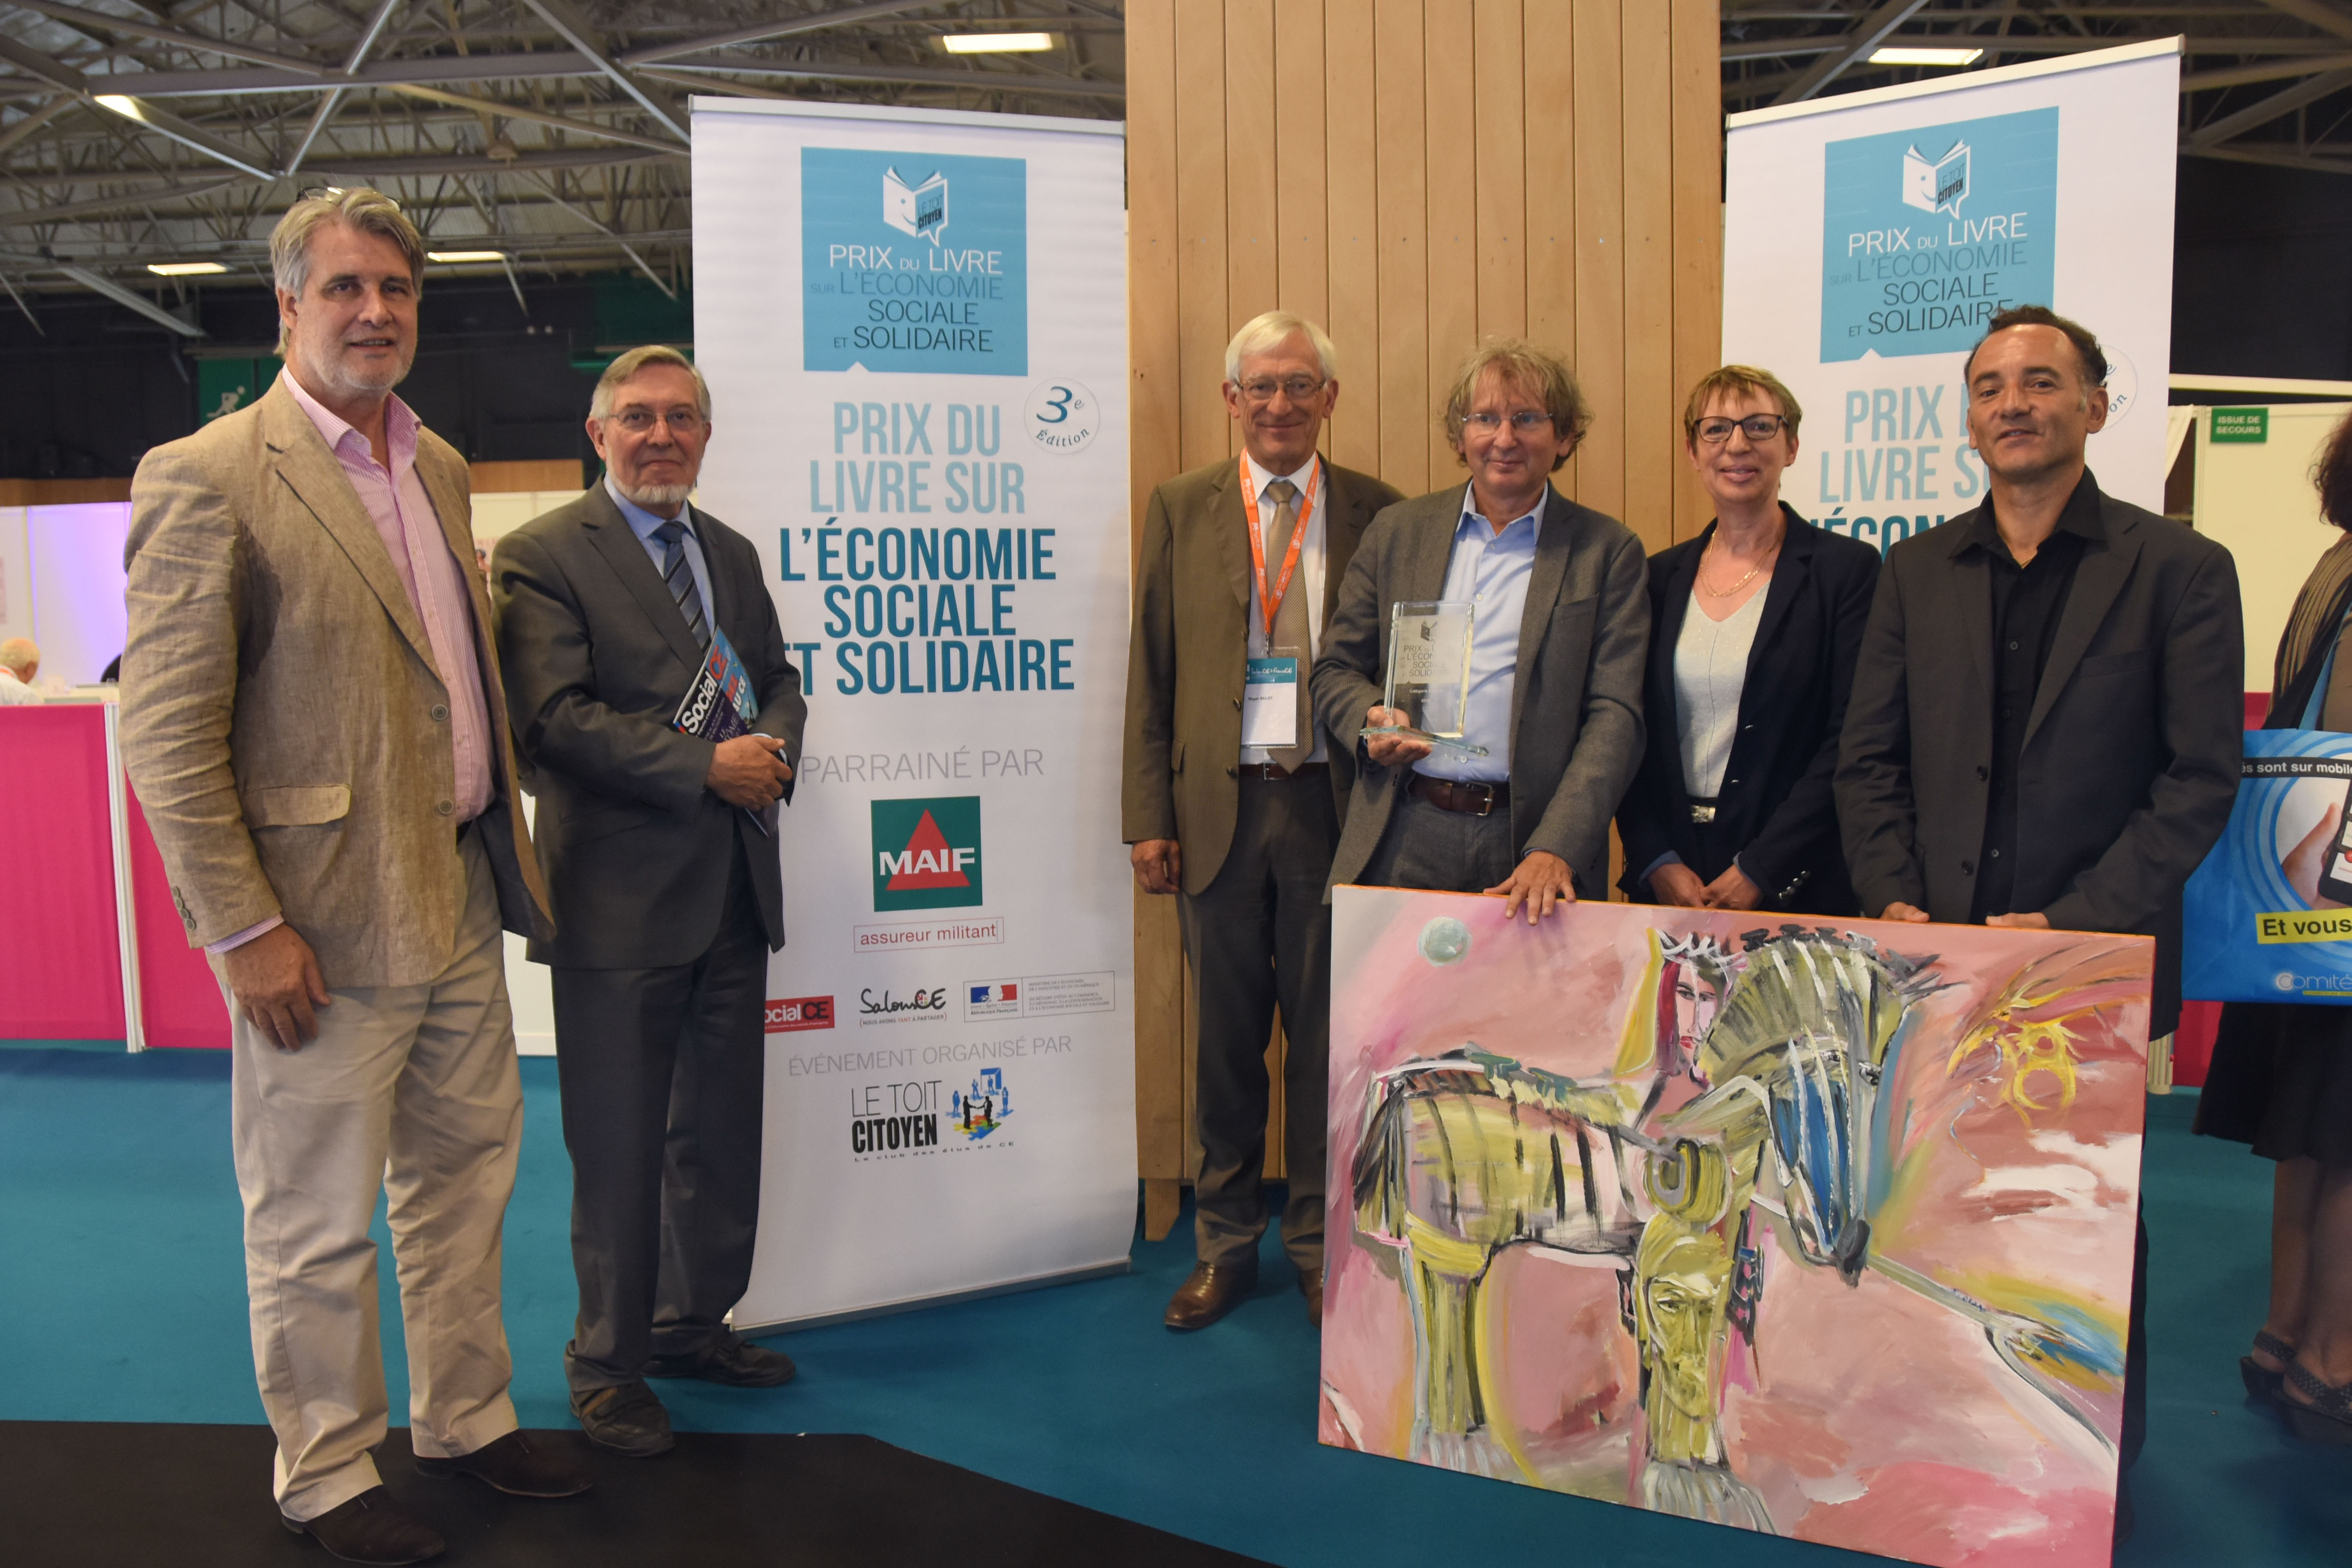 de gauche à droite : Patrick Gobert, Jean Auroux, Roger Belot, Hervé Defalvard, Annick Valette et Eric Besson - photo Catherine Cros -